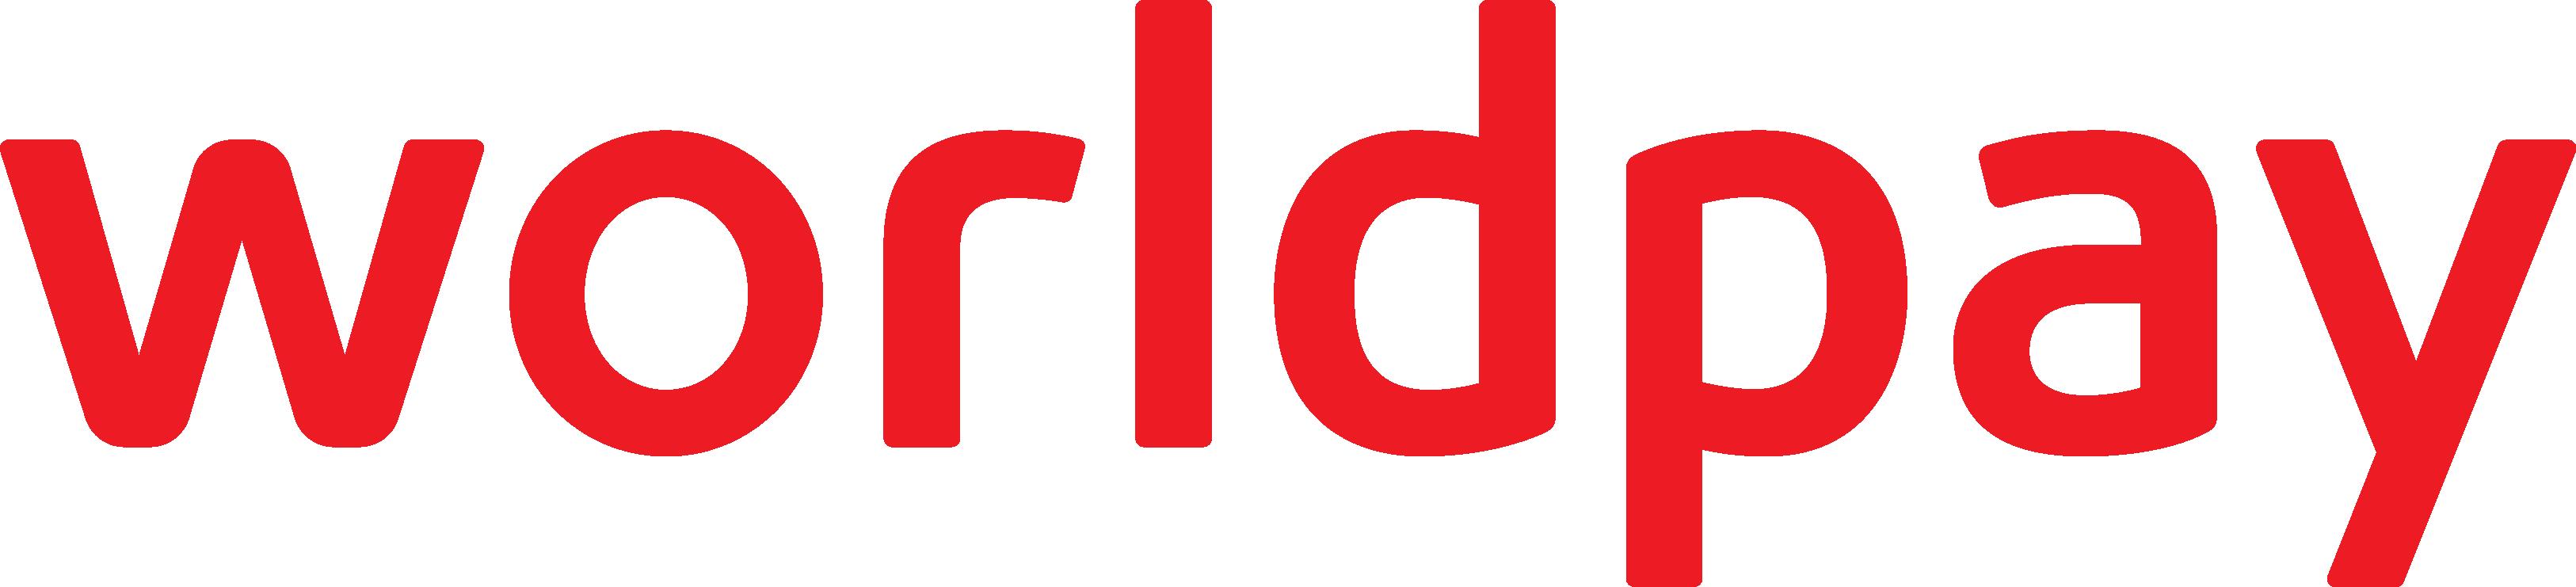 worldpay_logo_red